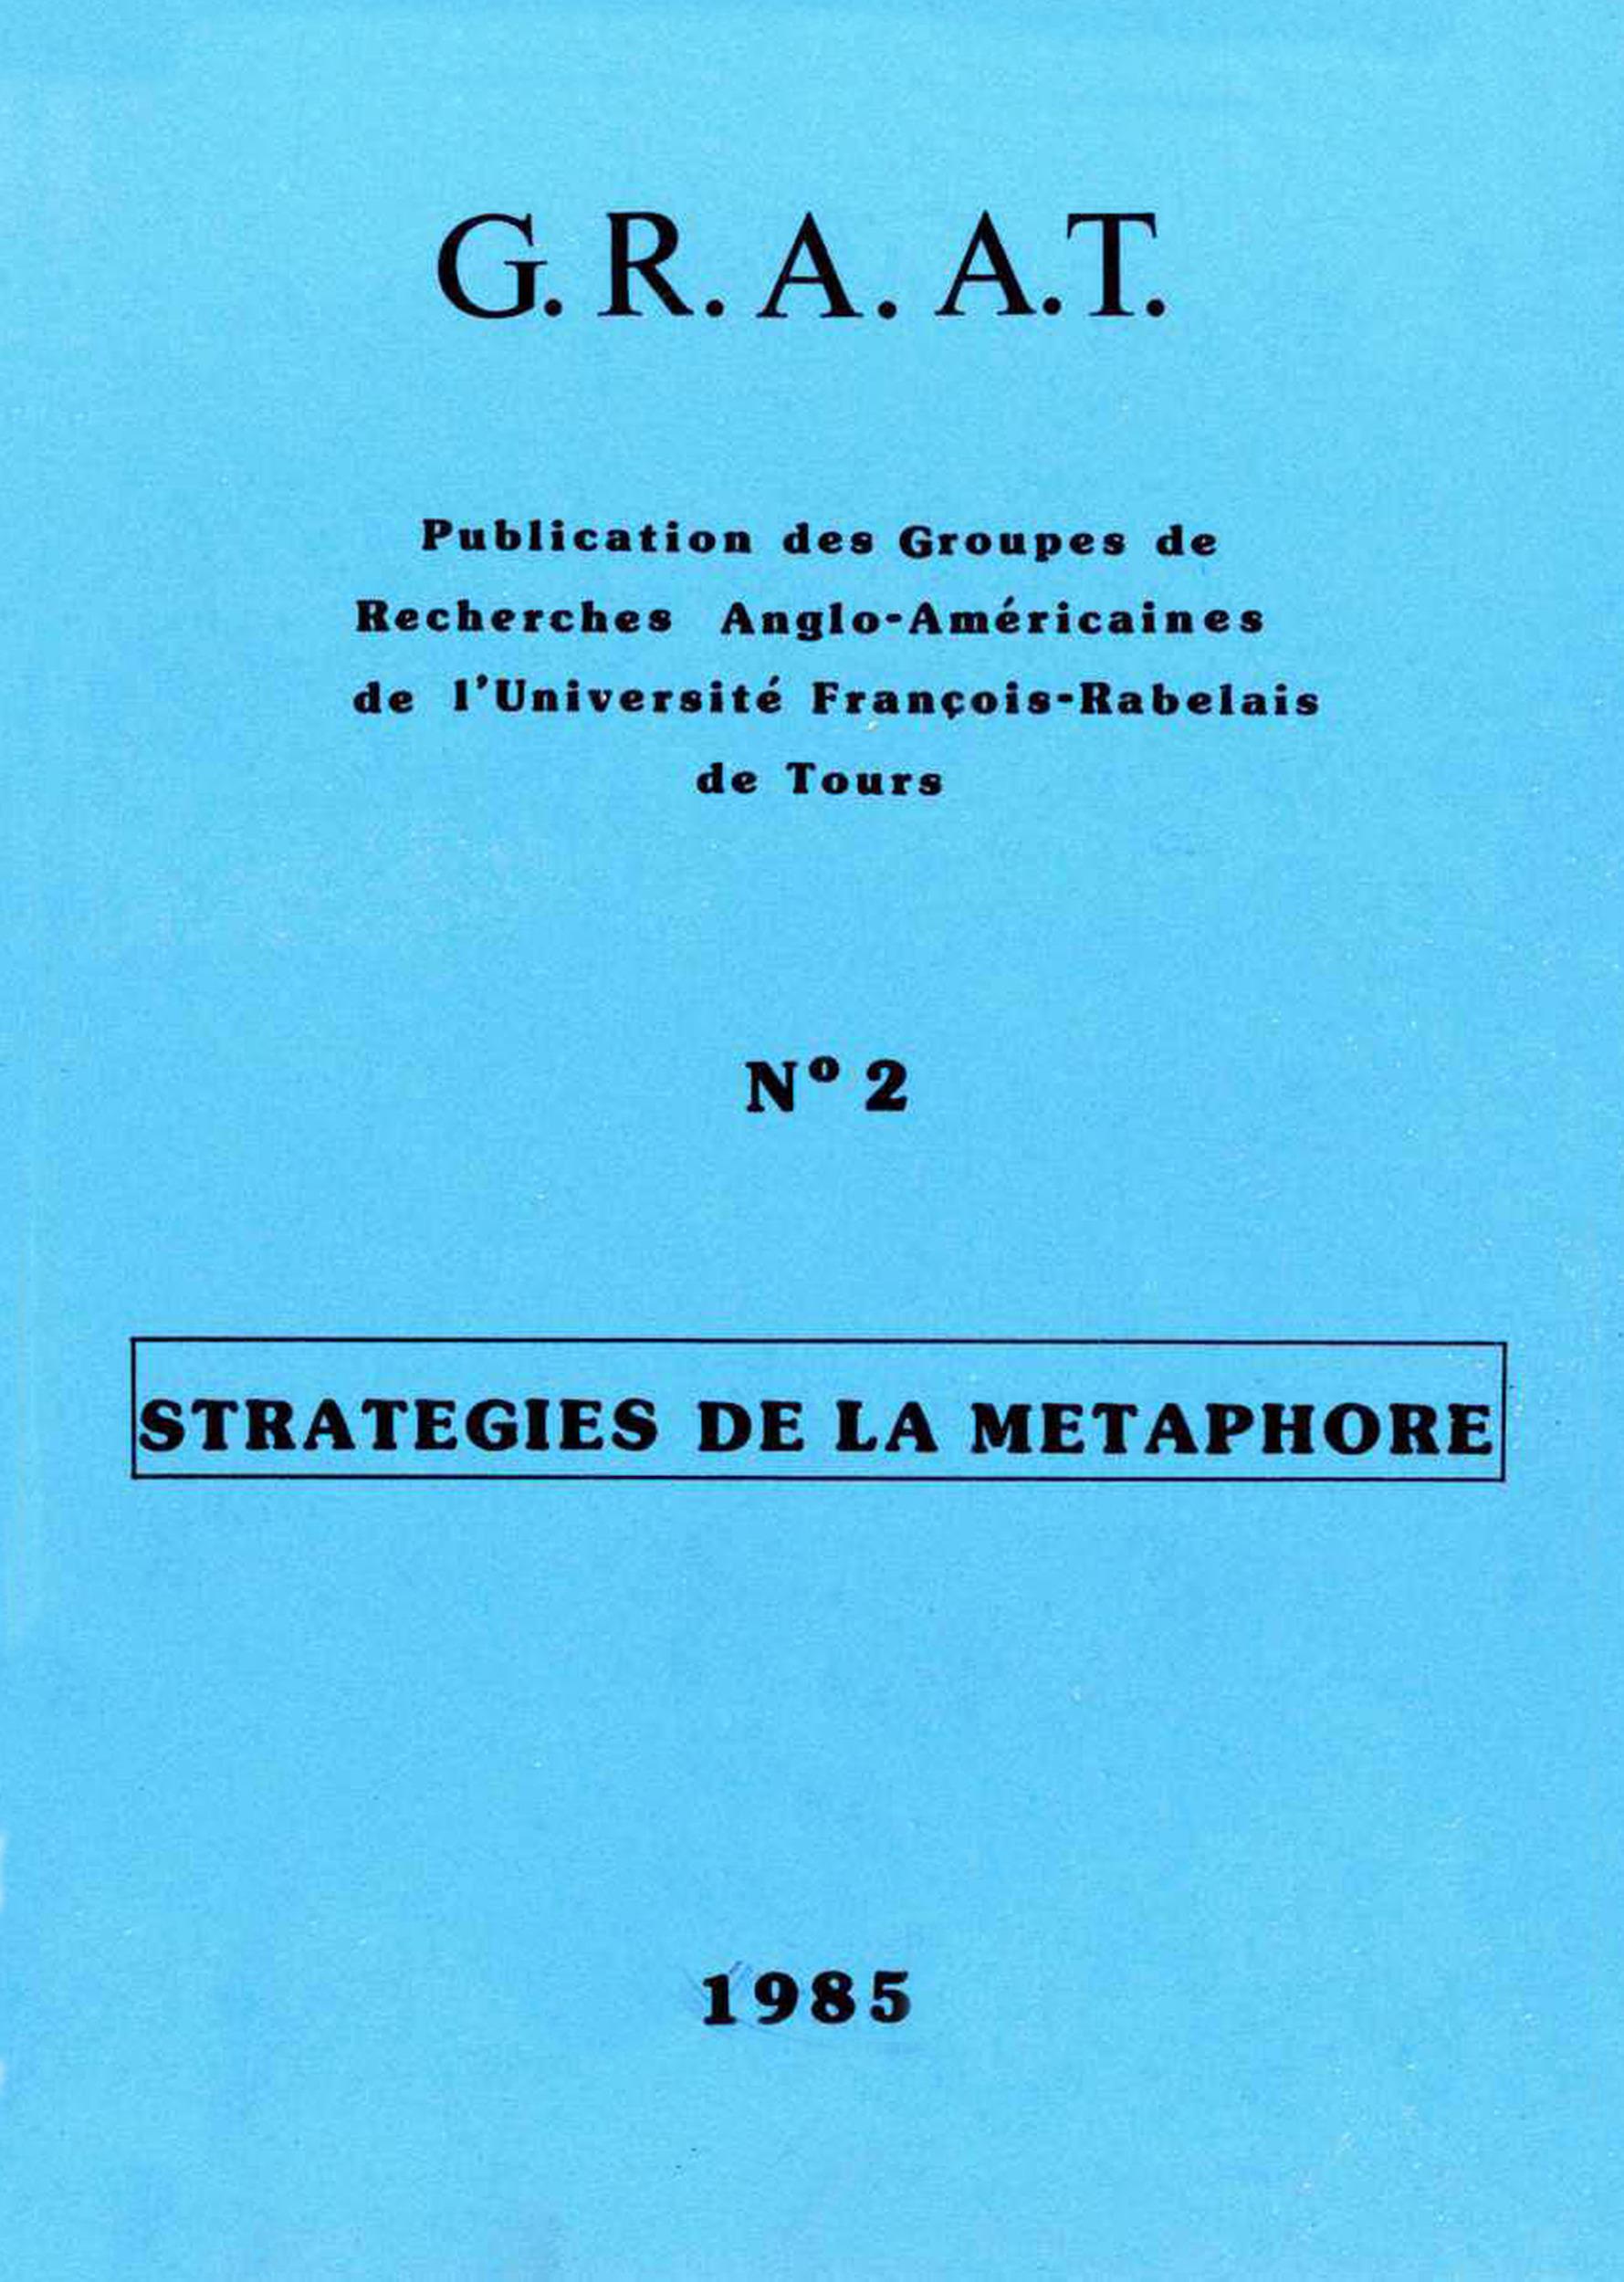 Stratégies de la métaphore